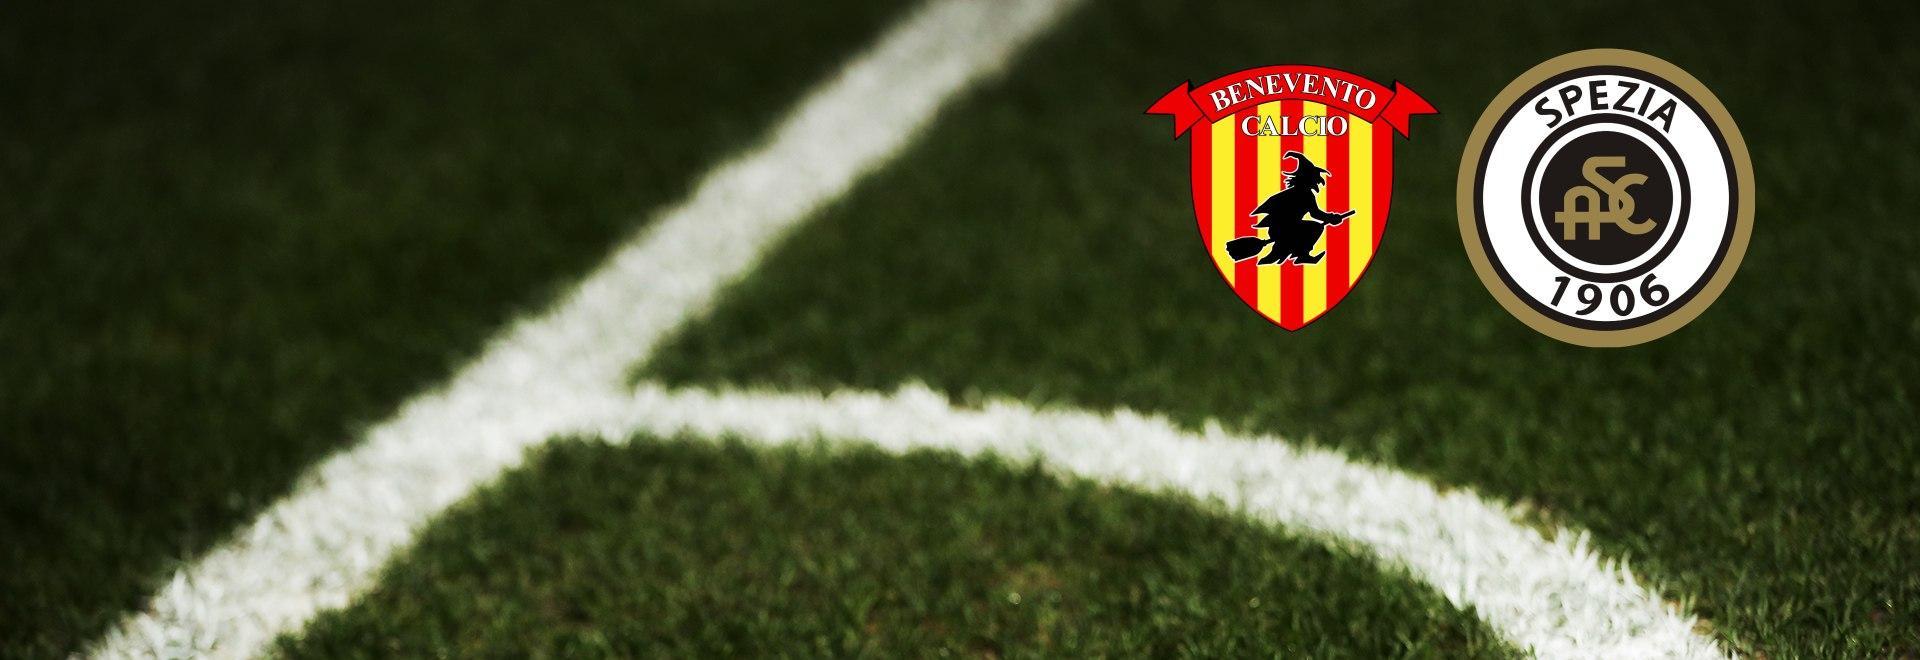 Benevento - Spezia. 26a g.